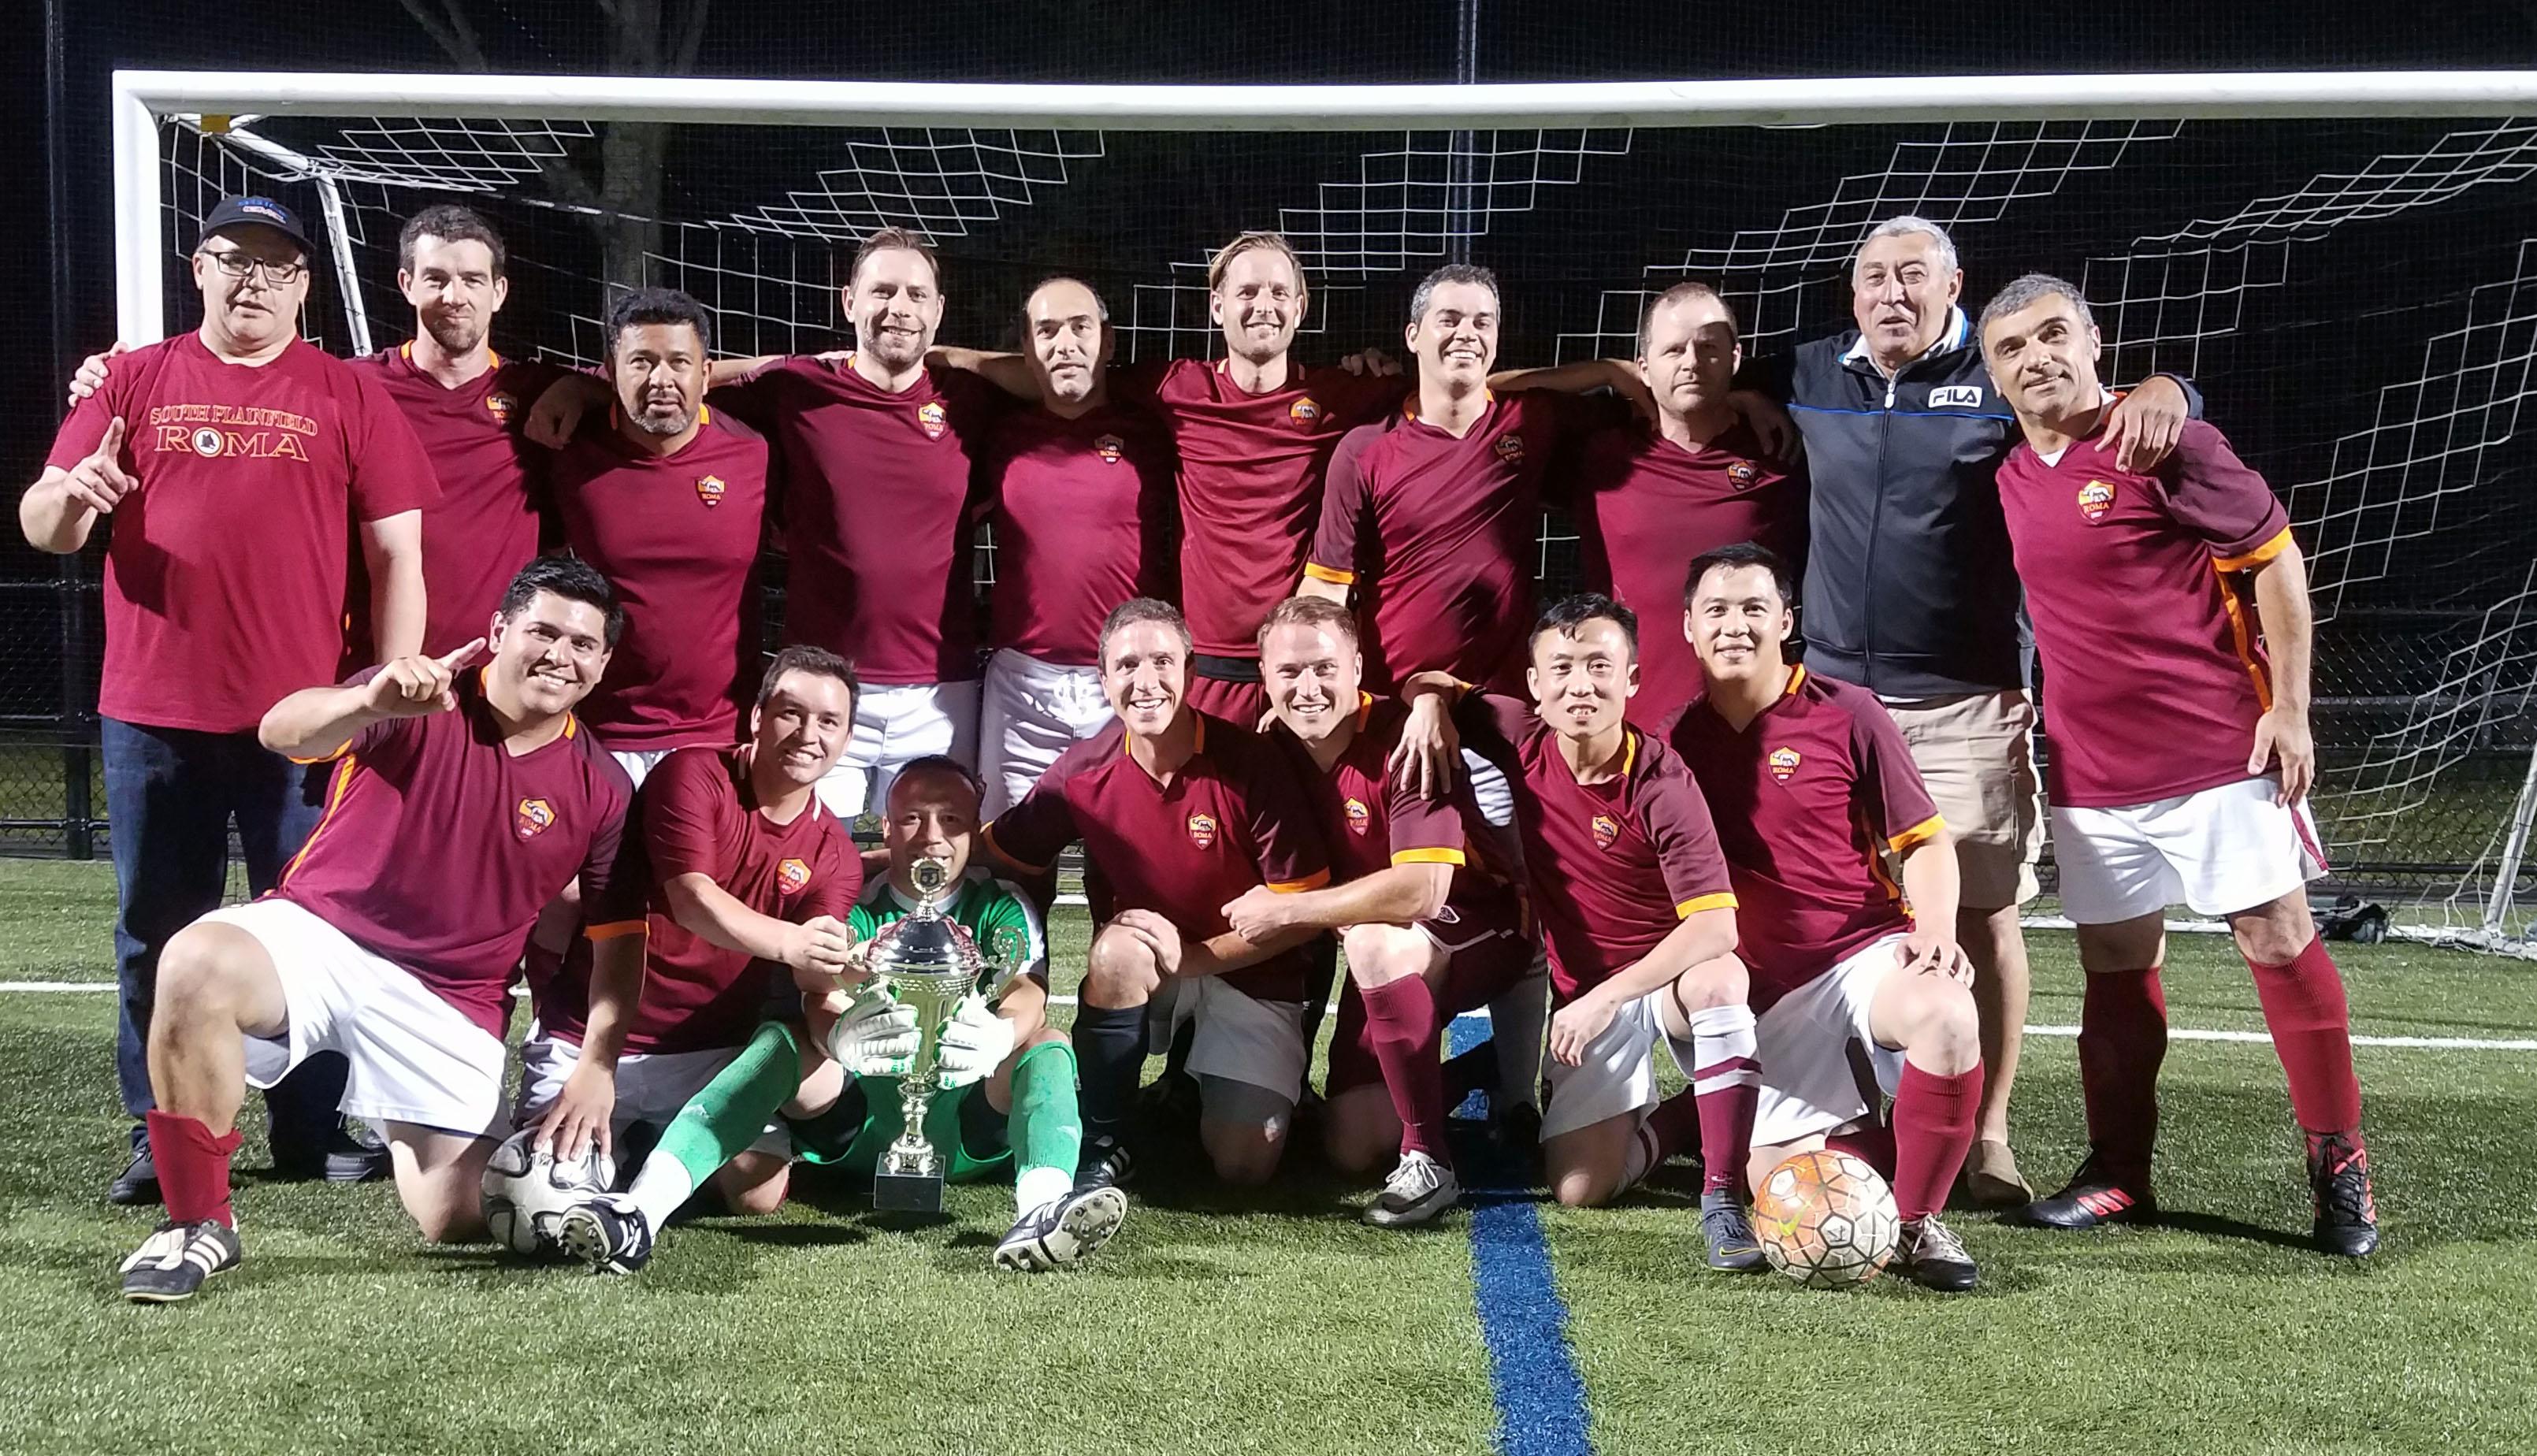 Roma SC O-40